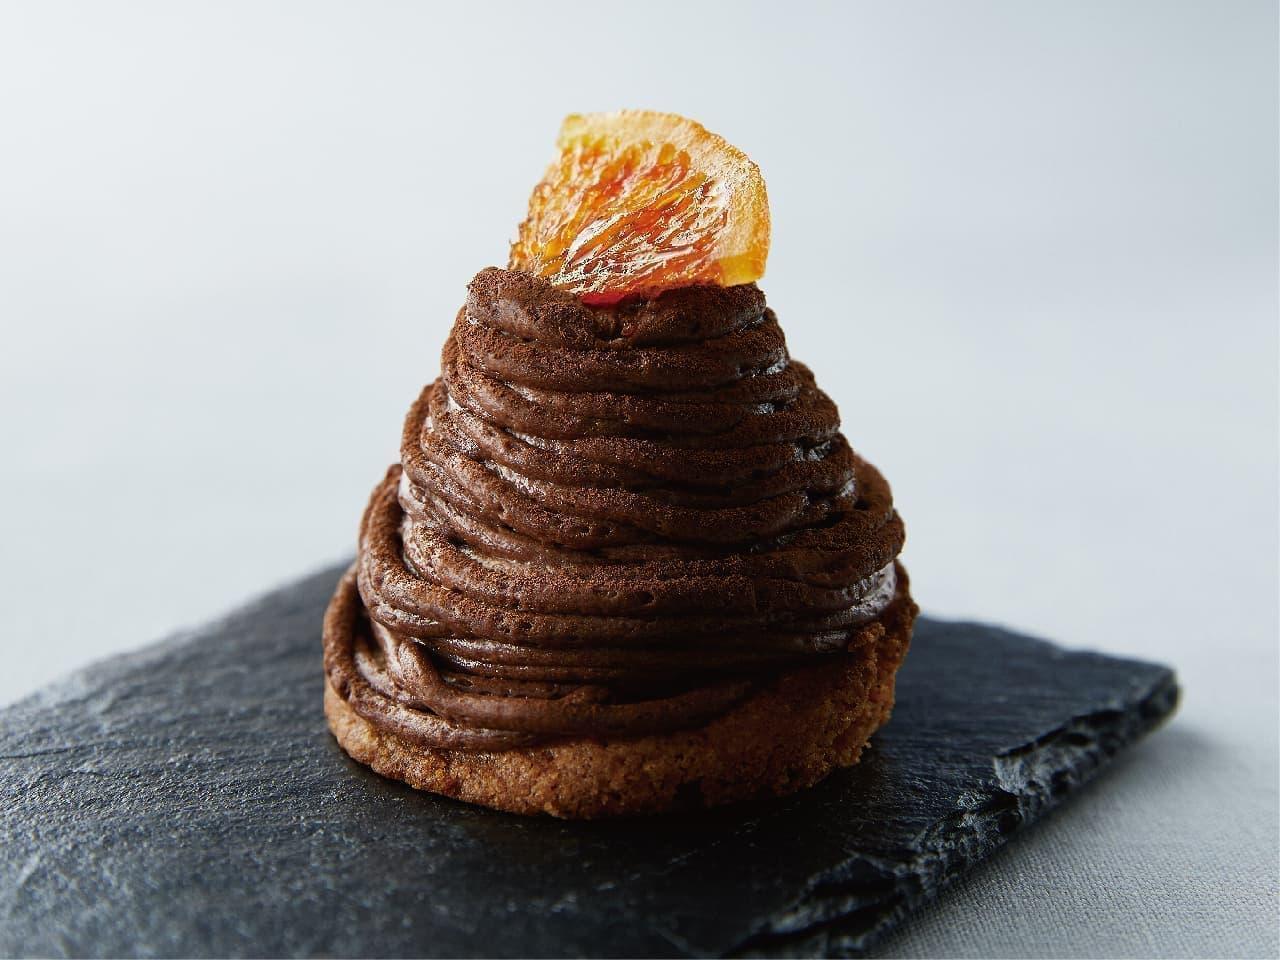 プロント「生チョコオレンジモンブラン」